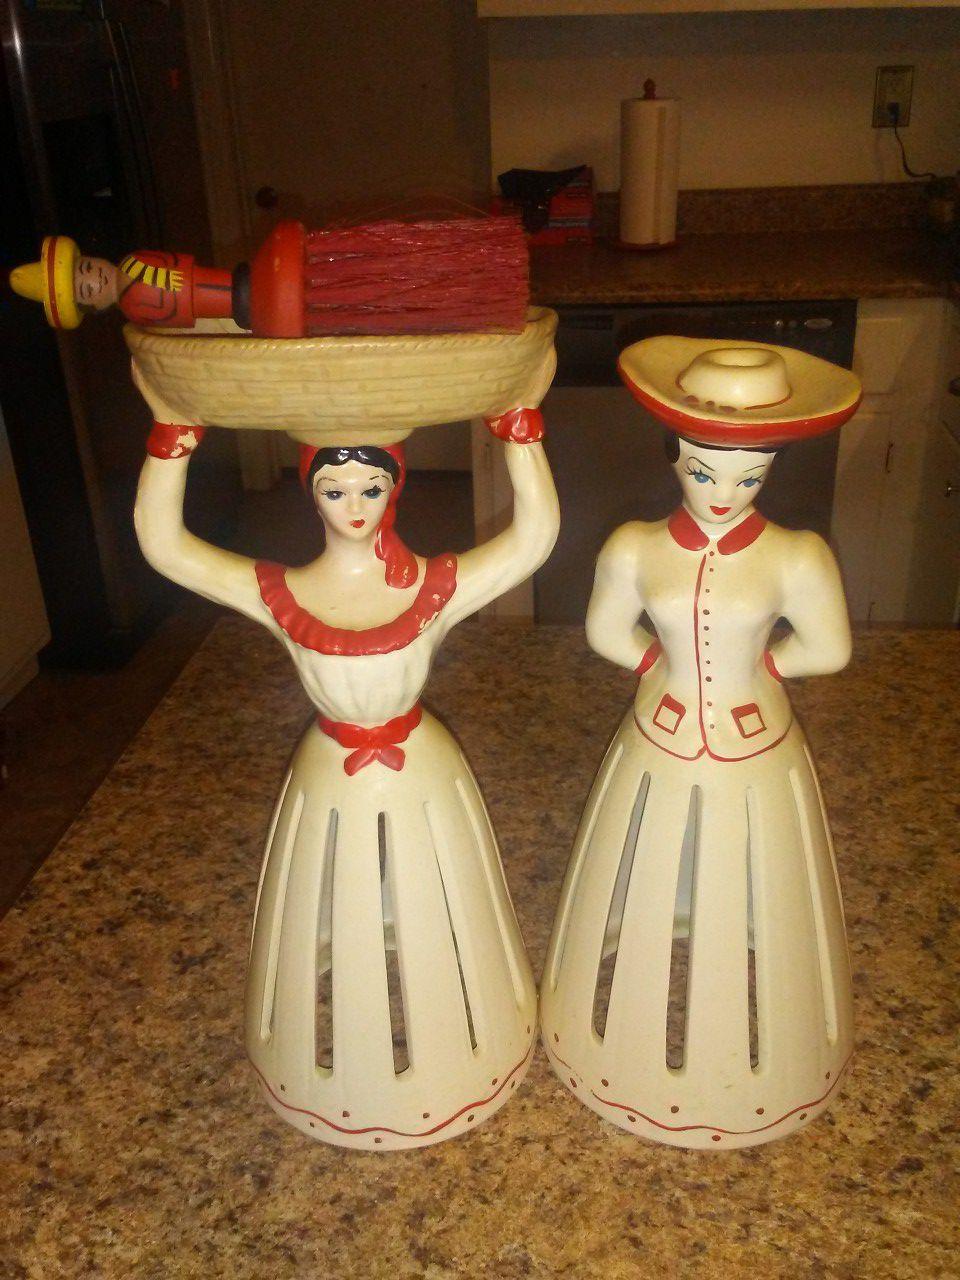 Vintage ceramic napkin holders